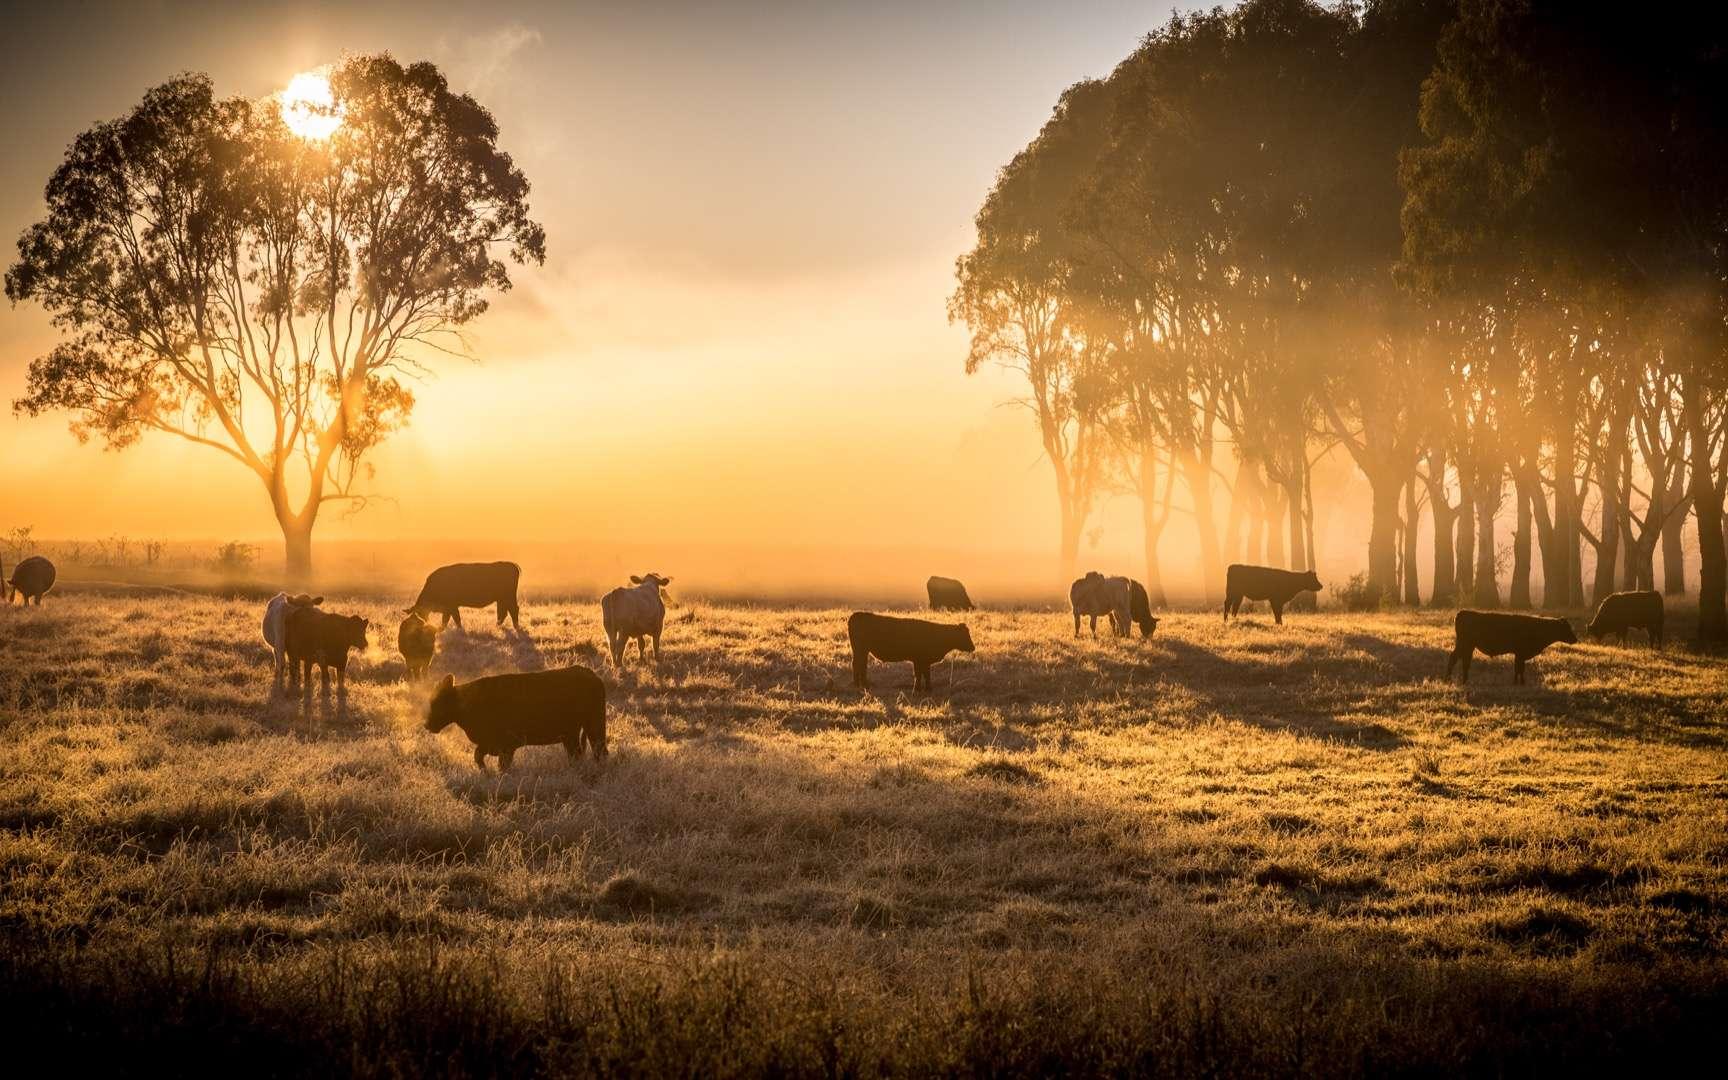 L'Australie, ravagée par les feux de forêts et par la sécheresse, depuis septembre, voit sa production agricole chuter de plus de la moitié. © Pelooyen, Adobe Stock